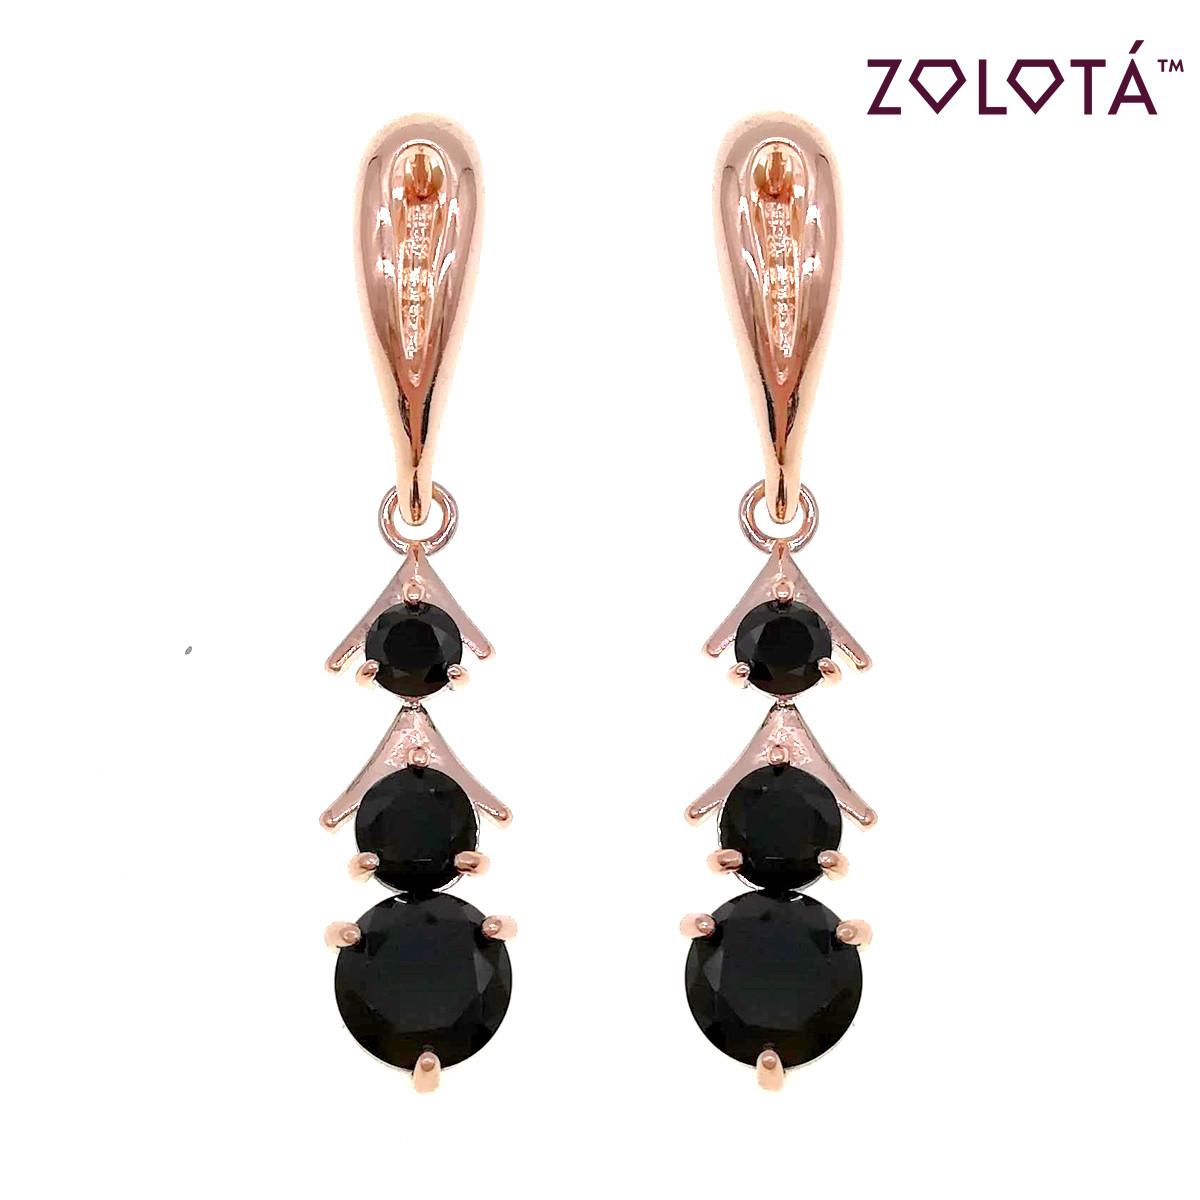 Серьги Zolota, размер 41х8 мм, черные фианиты (куб. цирконий), вес 4 г, позолота PO, ЗЛ00958 (1)